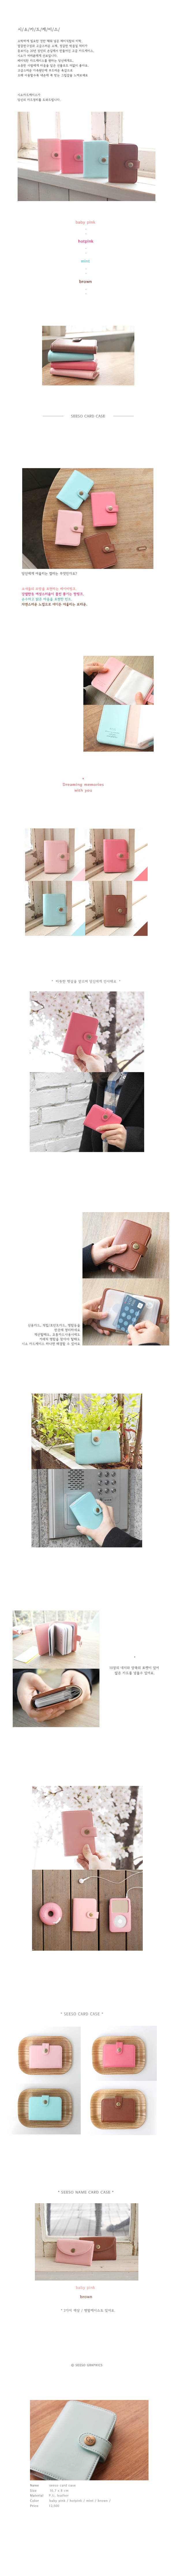 시소 카드 케이스 - 시소, 10,000원, 동전/카드지갑, 카드지갑